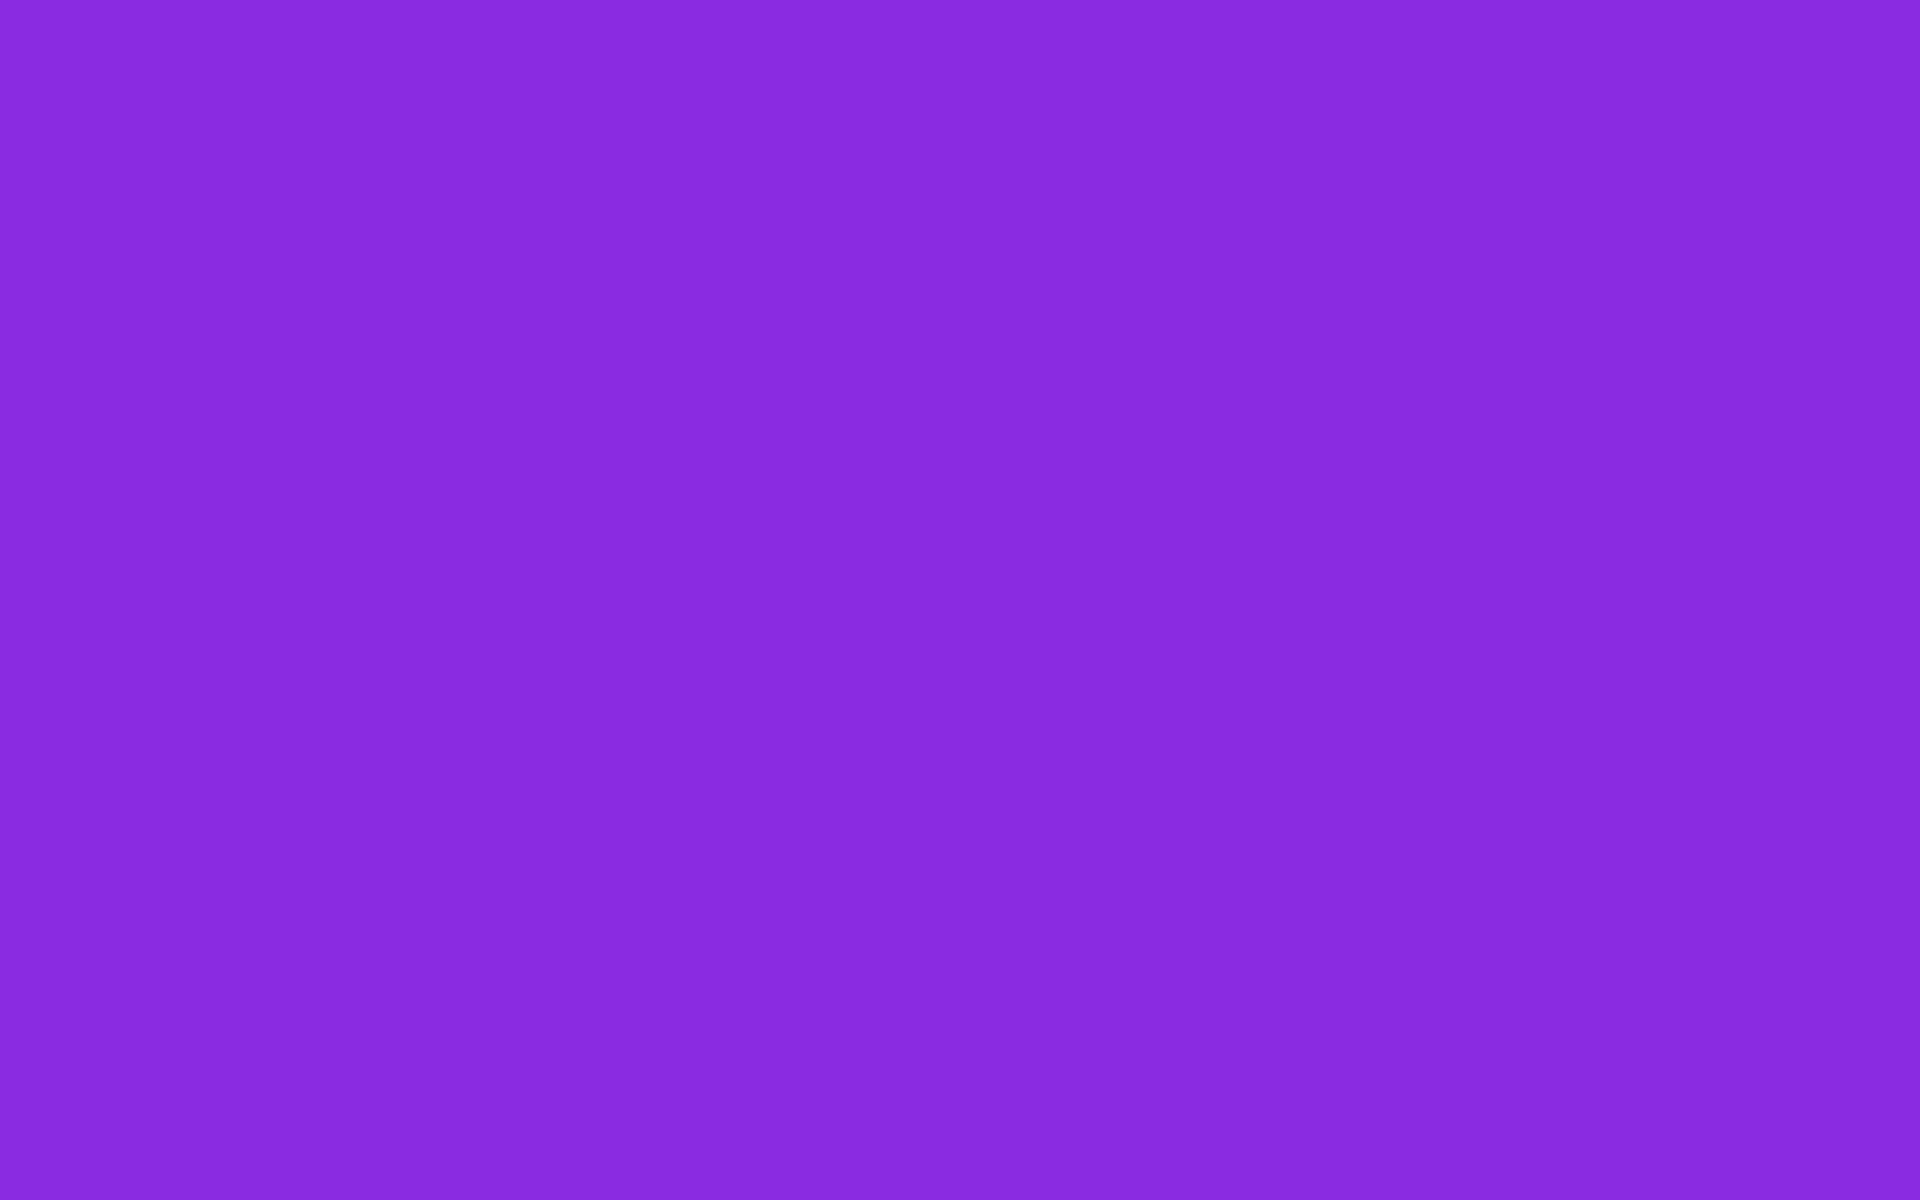 1920x1200 Blue-violet Solid Color Background